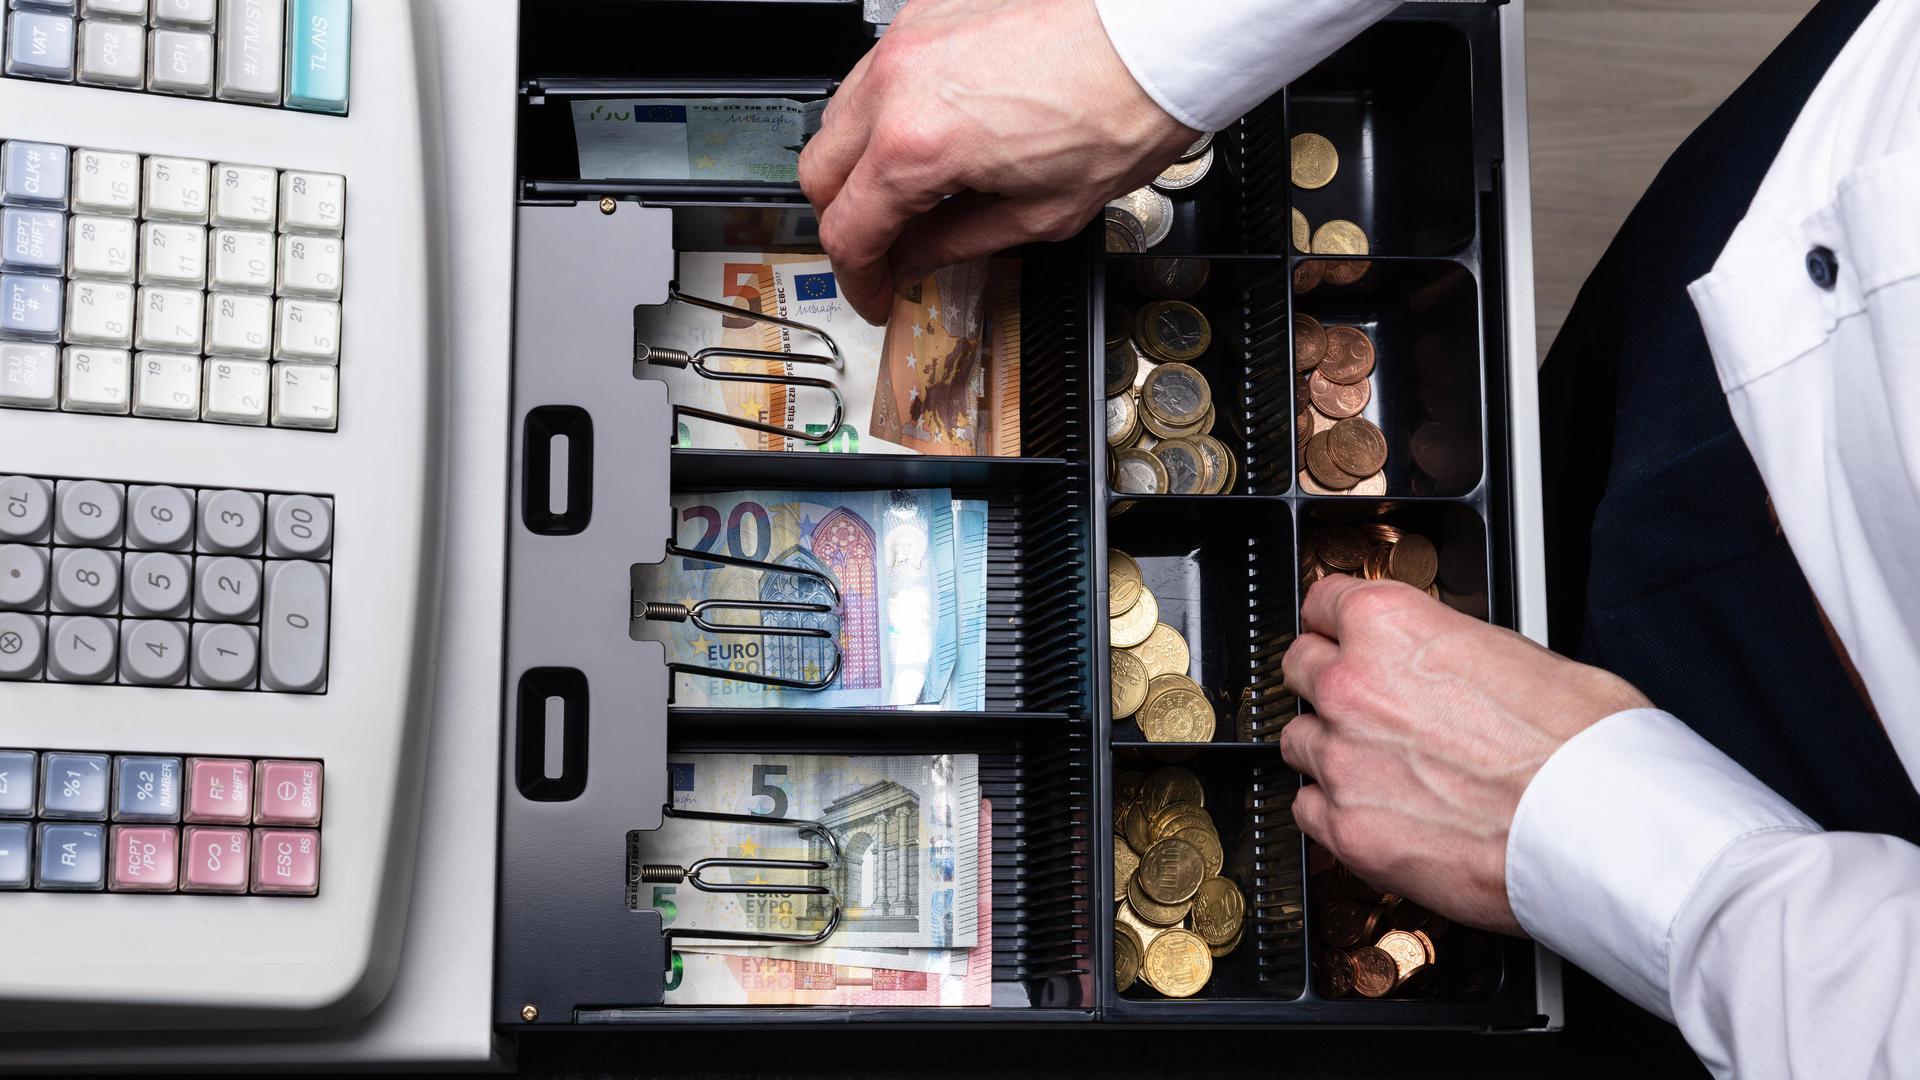 Bargeld lacht: Das Finanzamt versucht mit Bonpflicht und Sicherungssoftware für mehr Steuerehrlichkeit bei Bargeld-Geschäften zu sorgen. Eine Pflicht, moderne Kassen einzusetzen, besteht aber nicht. Dagegen klagt ein Wirt aus Ravensburg.